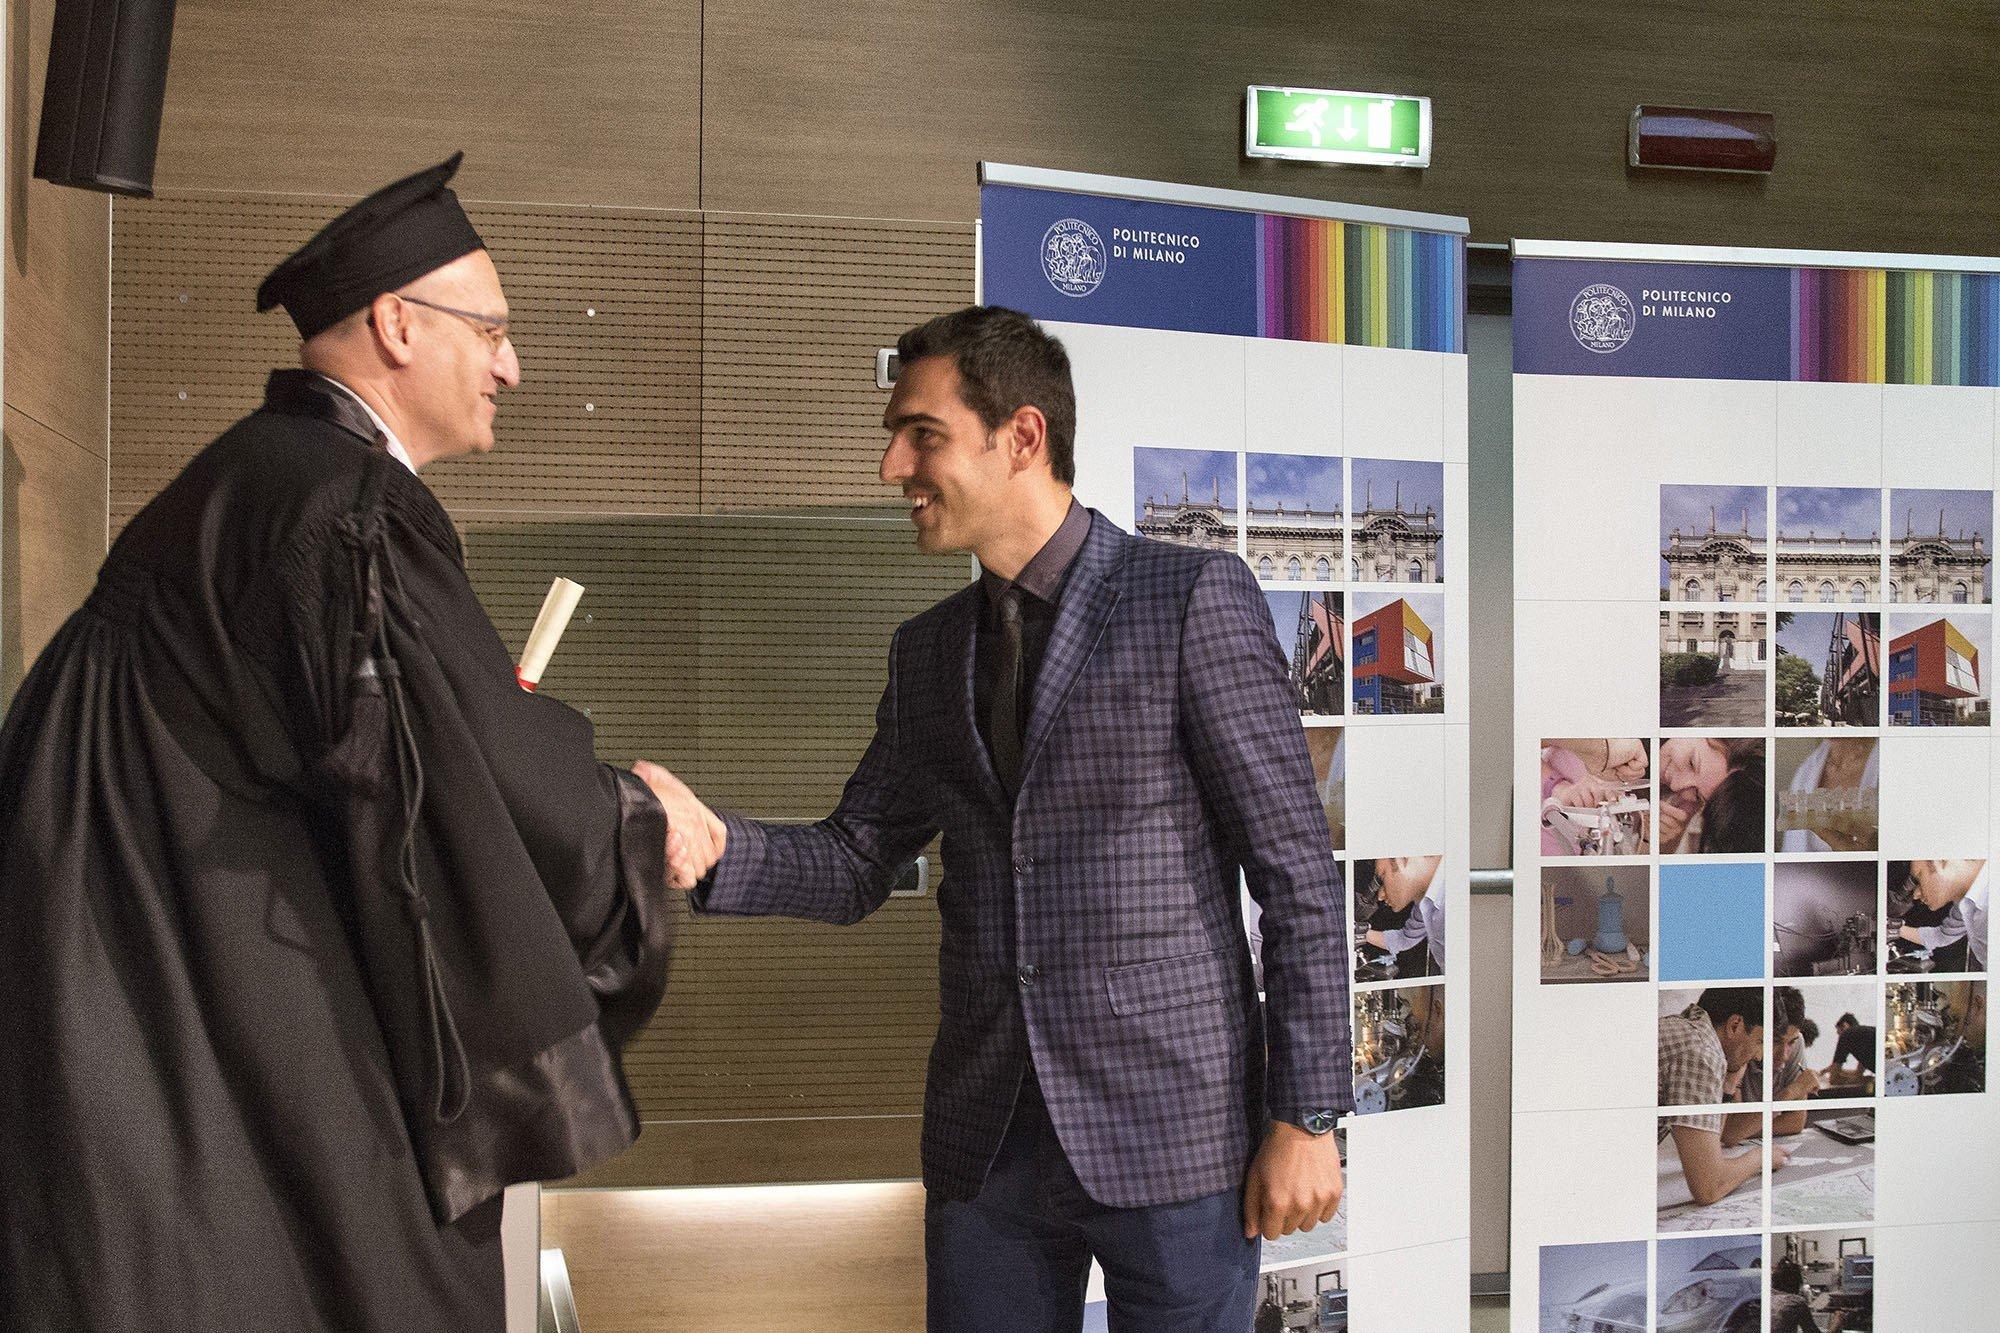 Profesori në UBT, Visar Krelani doktoron në Politeknikun e Milanos